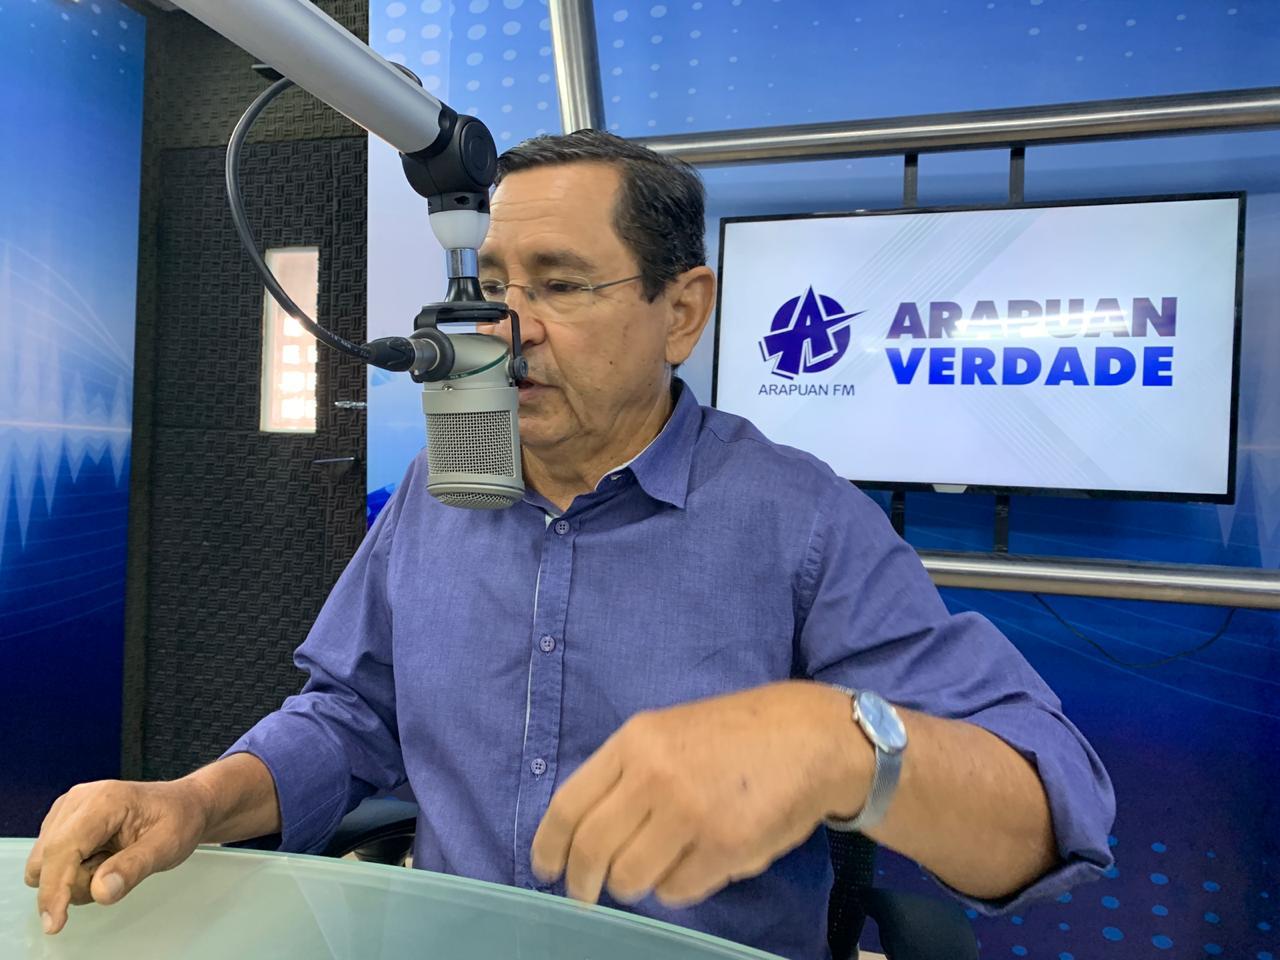 anísio maia arapuan verdade - Deputado Anísio Maia critica governo Bolsonaro e afirma que Sérgio Moro foi pau-mandado do golpe contra Lula - VEJA VÍDEO